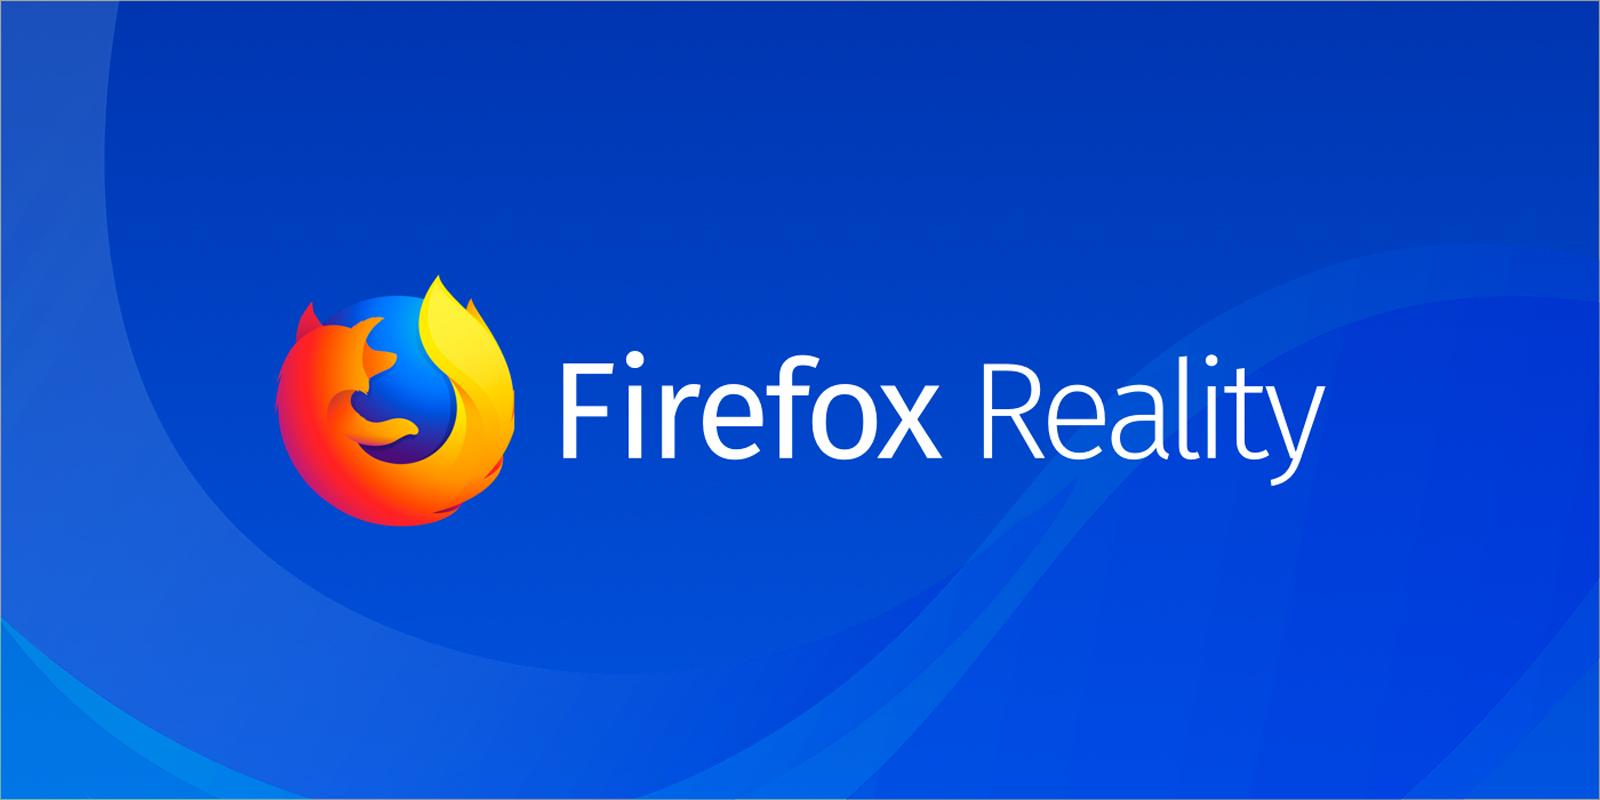 """Mozilla 公司正在开发一款支持""""混合现实""""的新版火狐浏览器"""